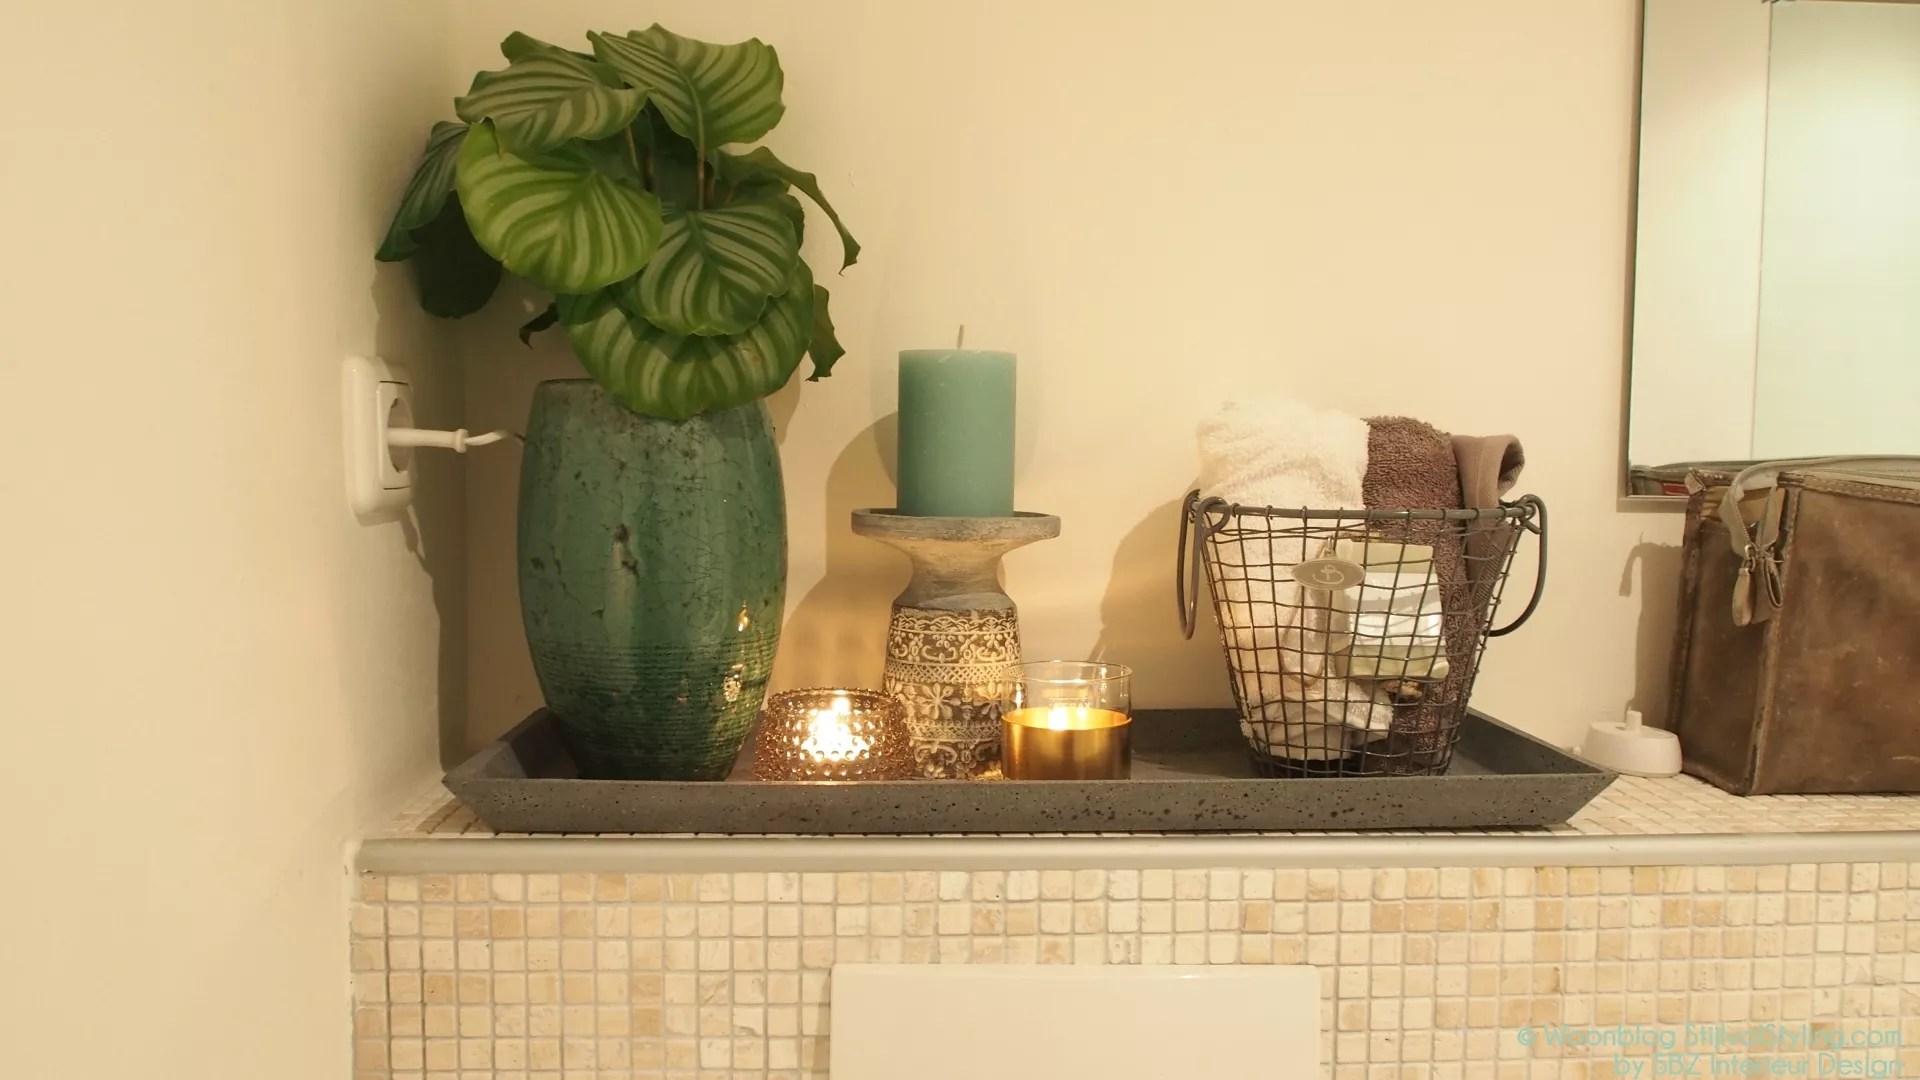 Interieur Natuur Badkamer : Interieur natuurlijke badkamer inspiratie u stijlvol styling